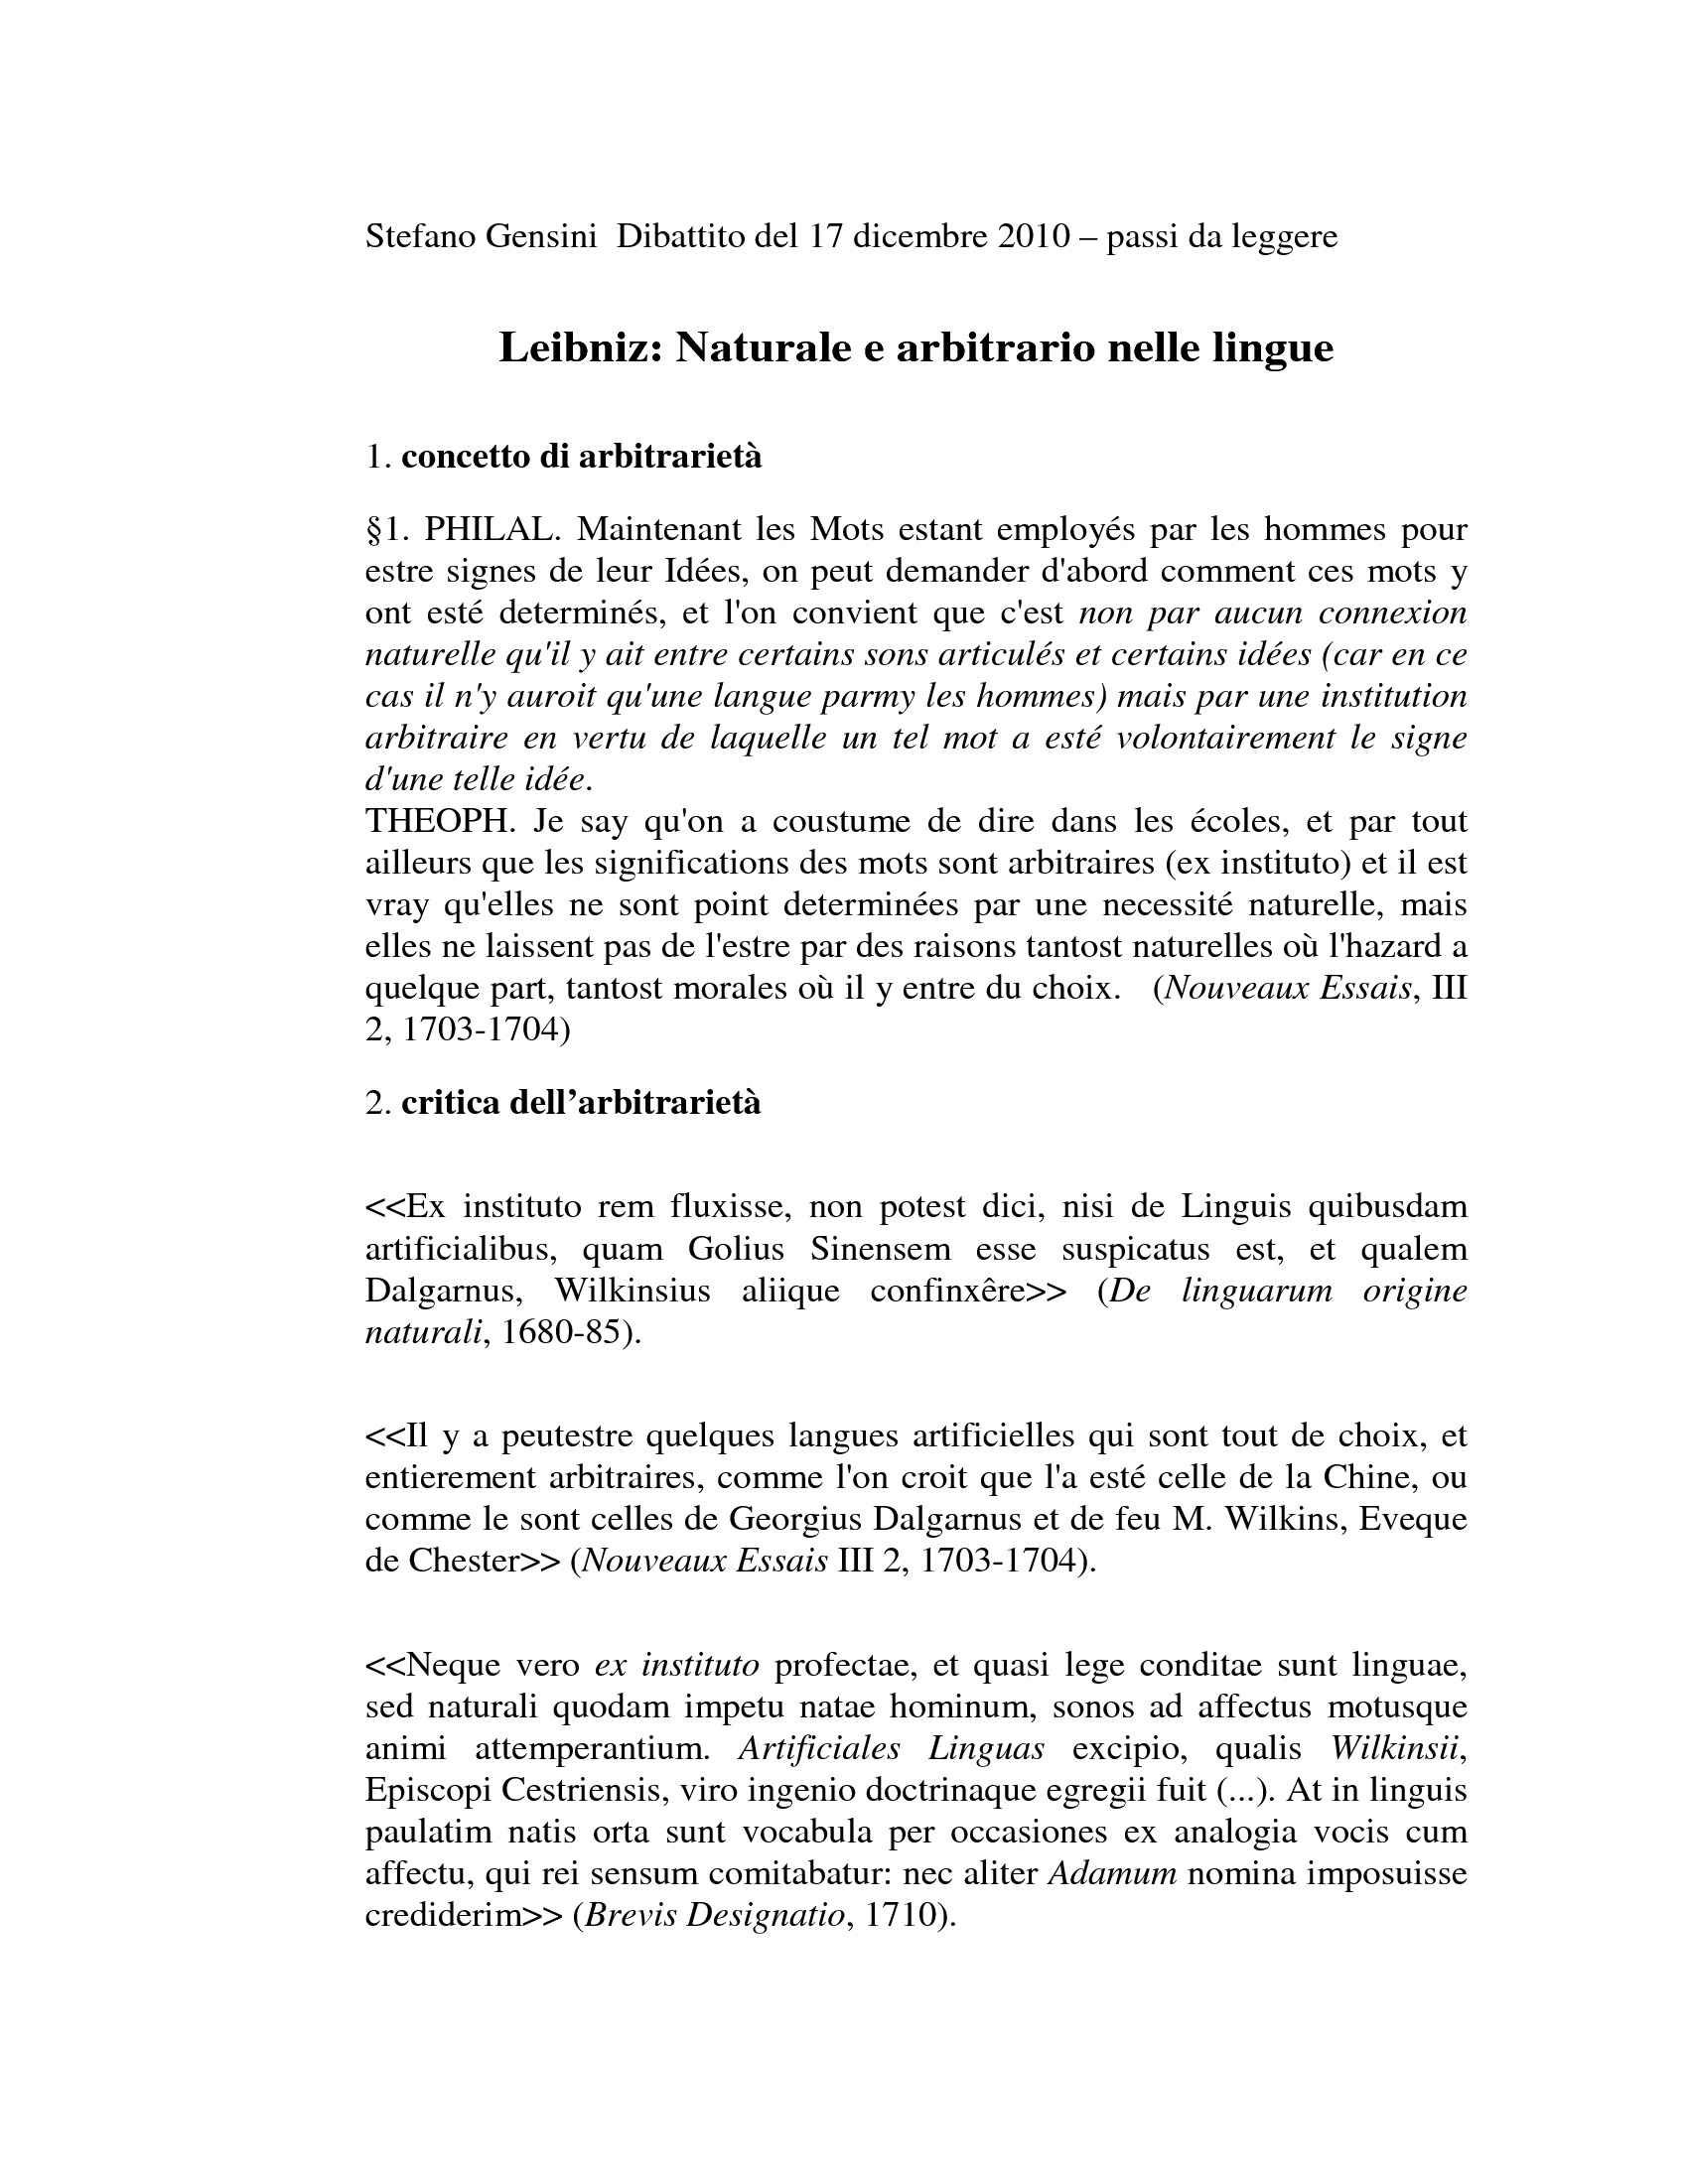 Leibniz - Naturale e arbitrario